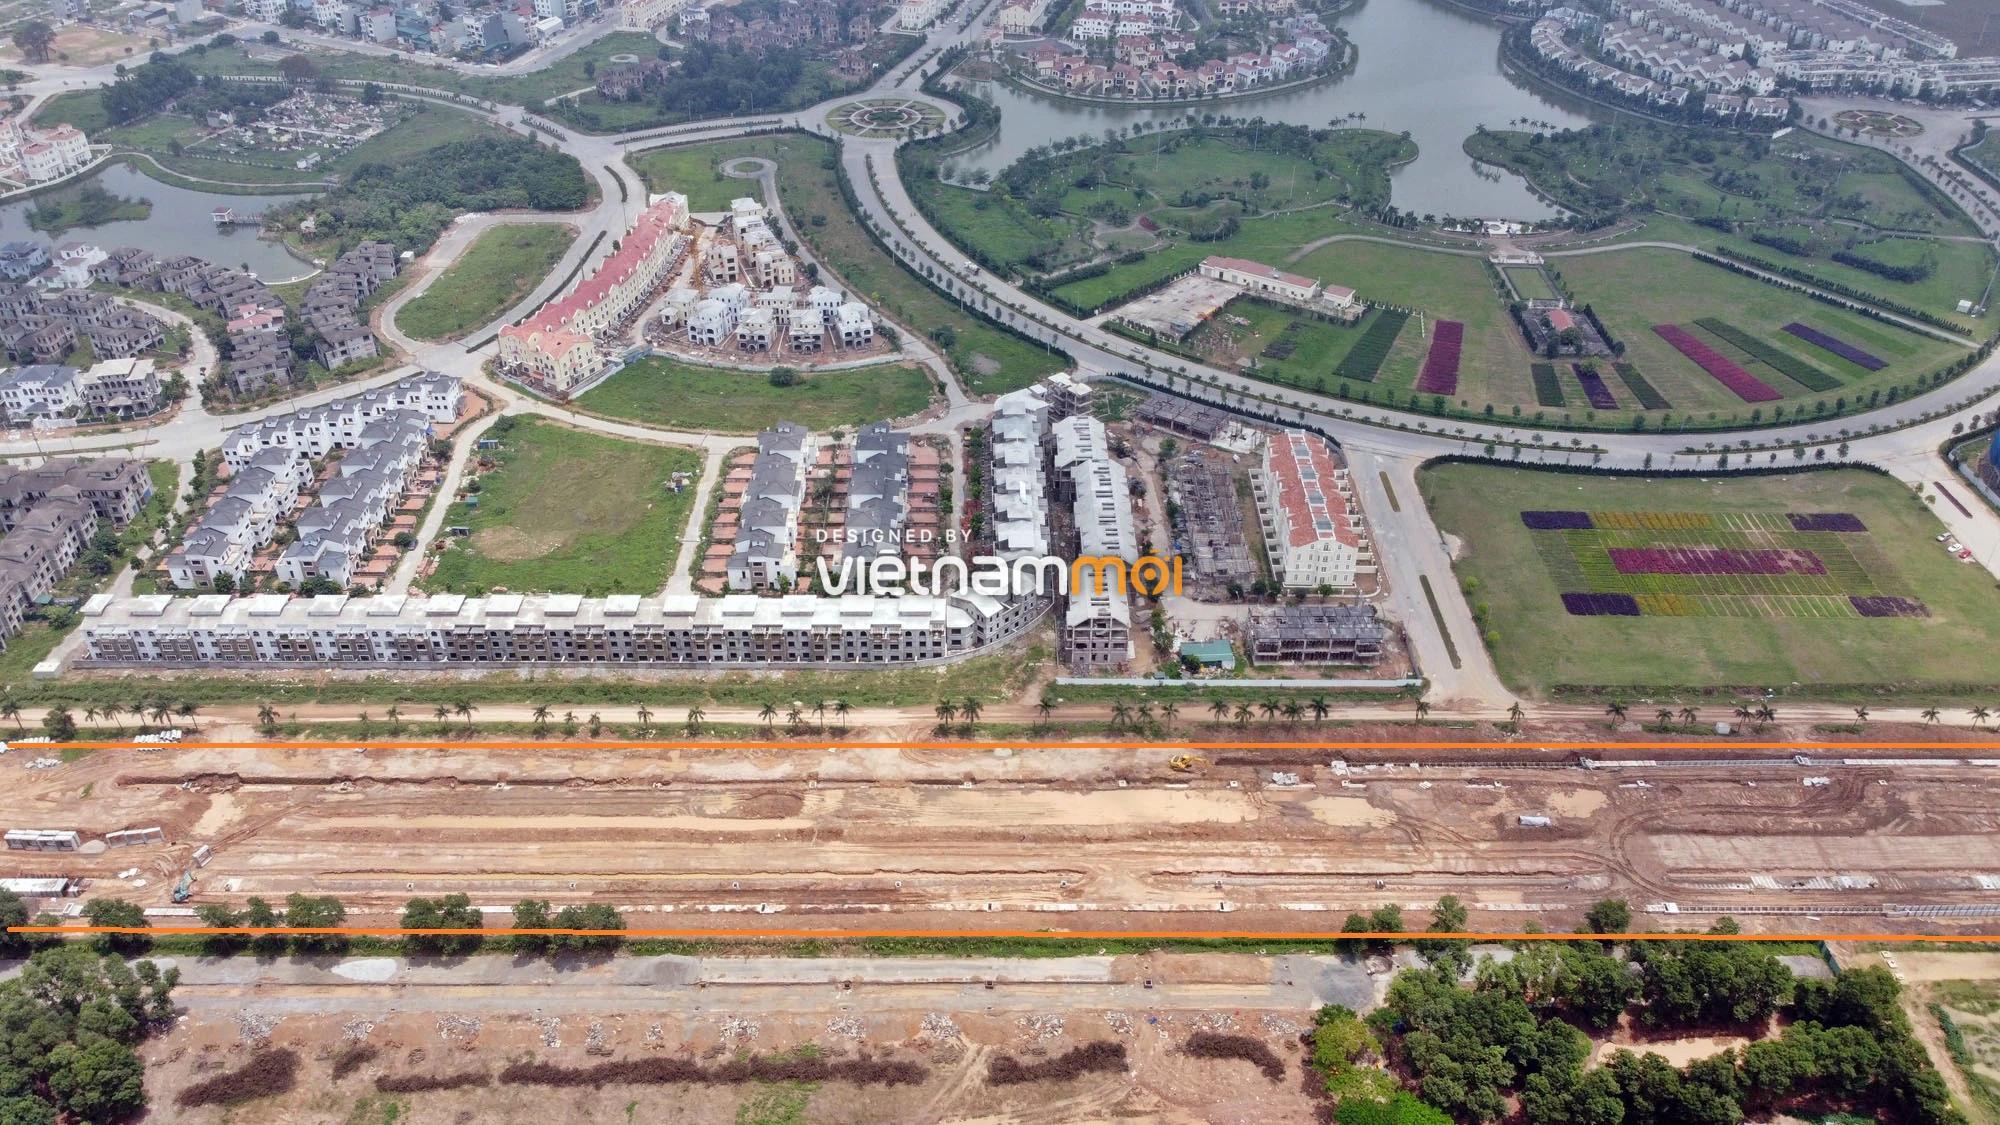 Toàn cảnh đường nối Đại lộ Thăng Long - tỉnh lộ 423 qua KĐT Nam An Khánh đang mở theo quy hoạch ở Hà Nội - Ảnh 19.